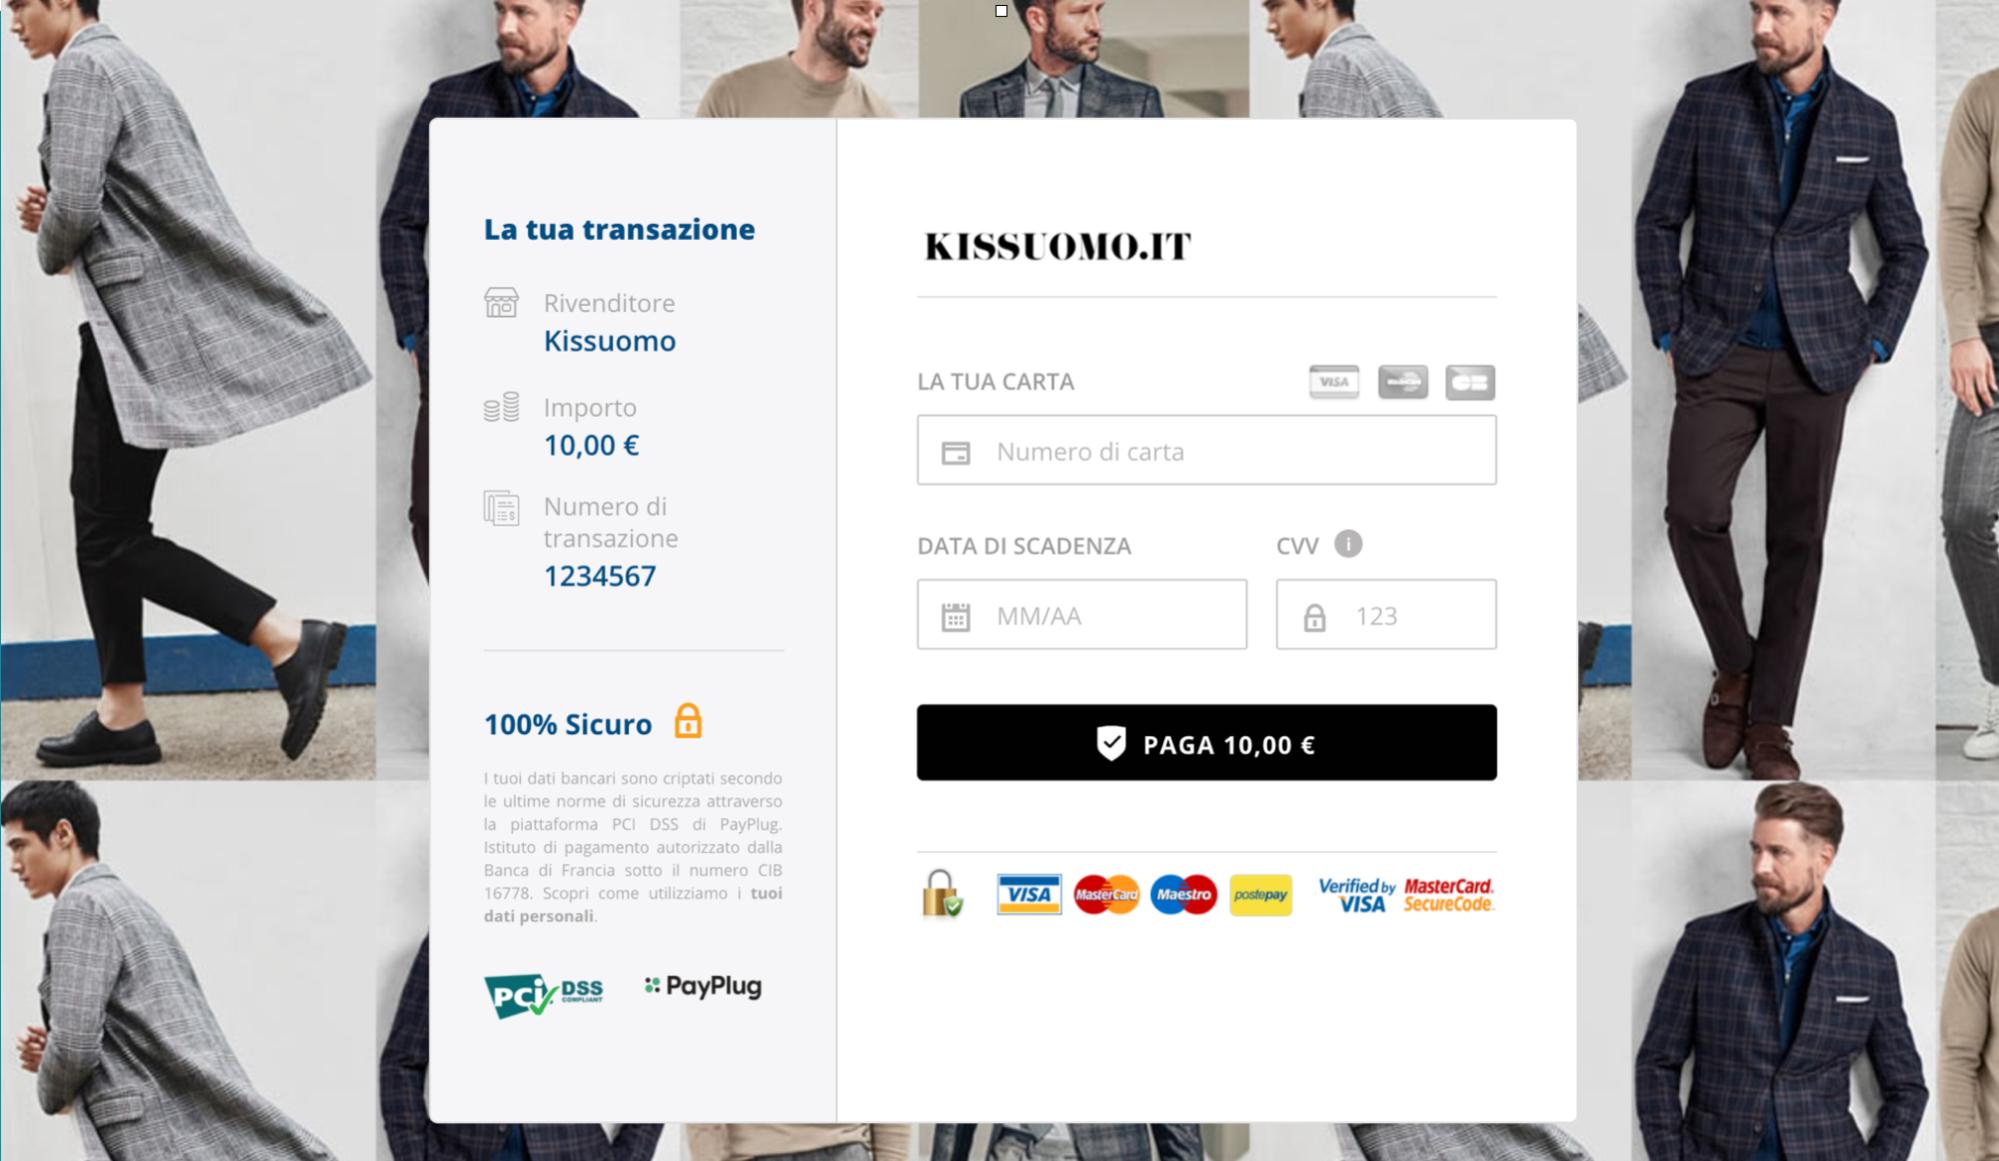 Pagina di pagamento rediretta